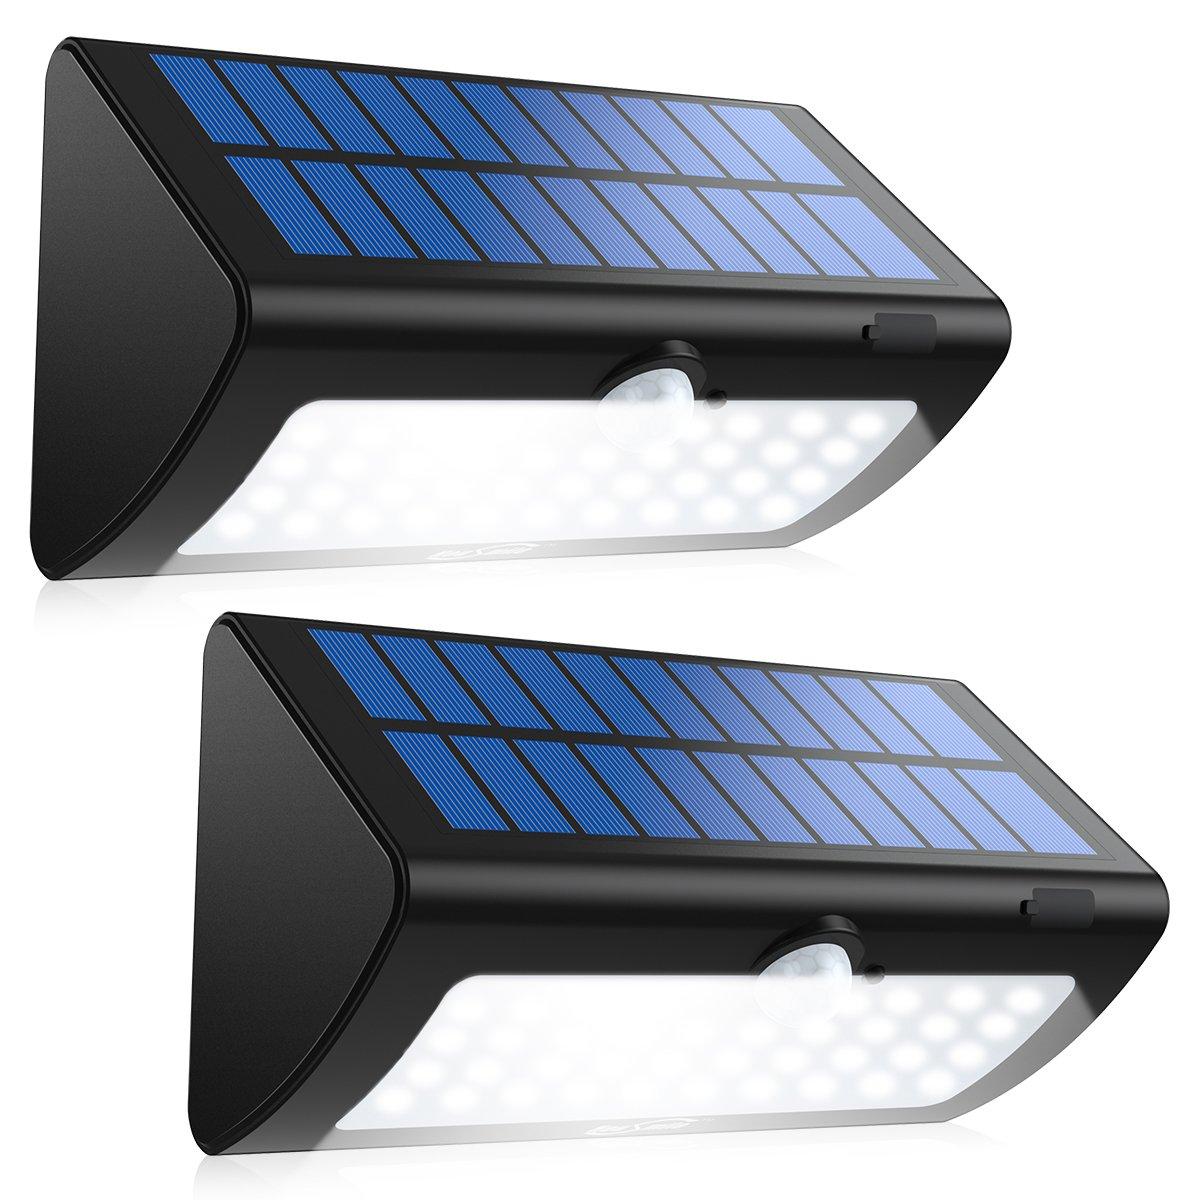 Housmile Solar Lights, 38 LED Super Bright Garden Lights Motion Sensor Outdoor Wireless Waterproof Security Lights for Front Door, Patio, Deck, Yard, Garden, 2 Pack